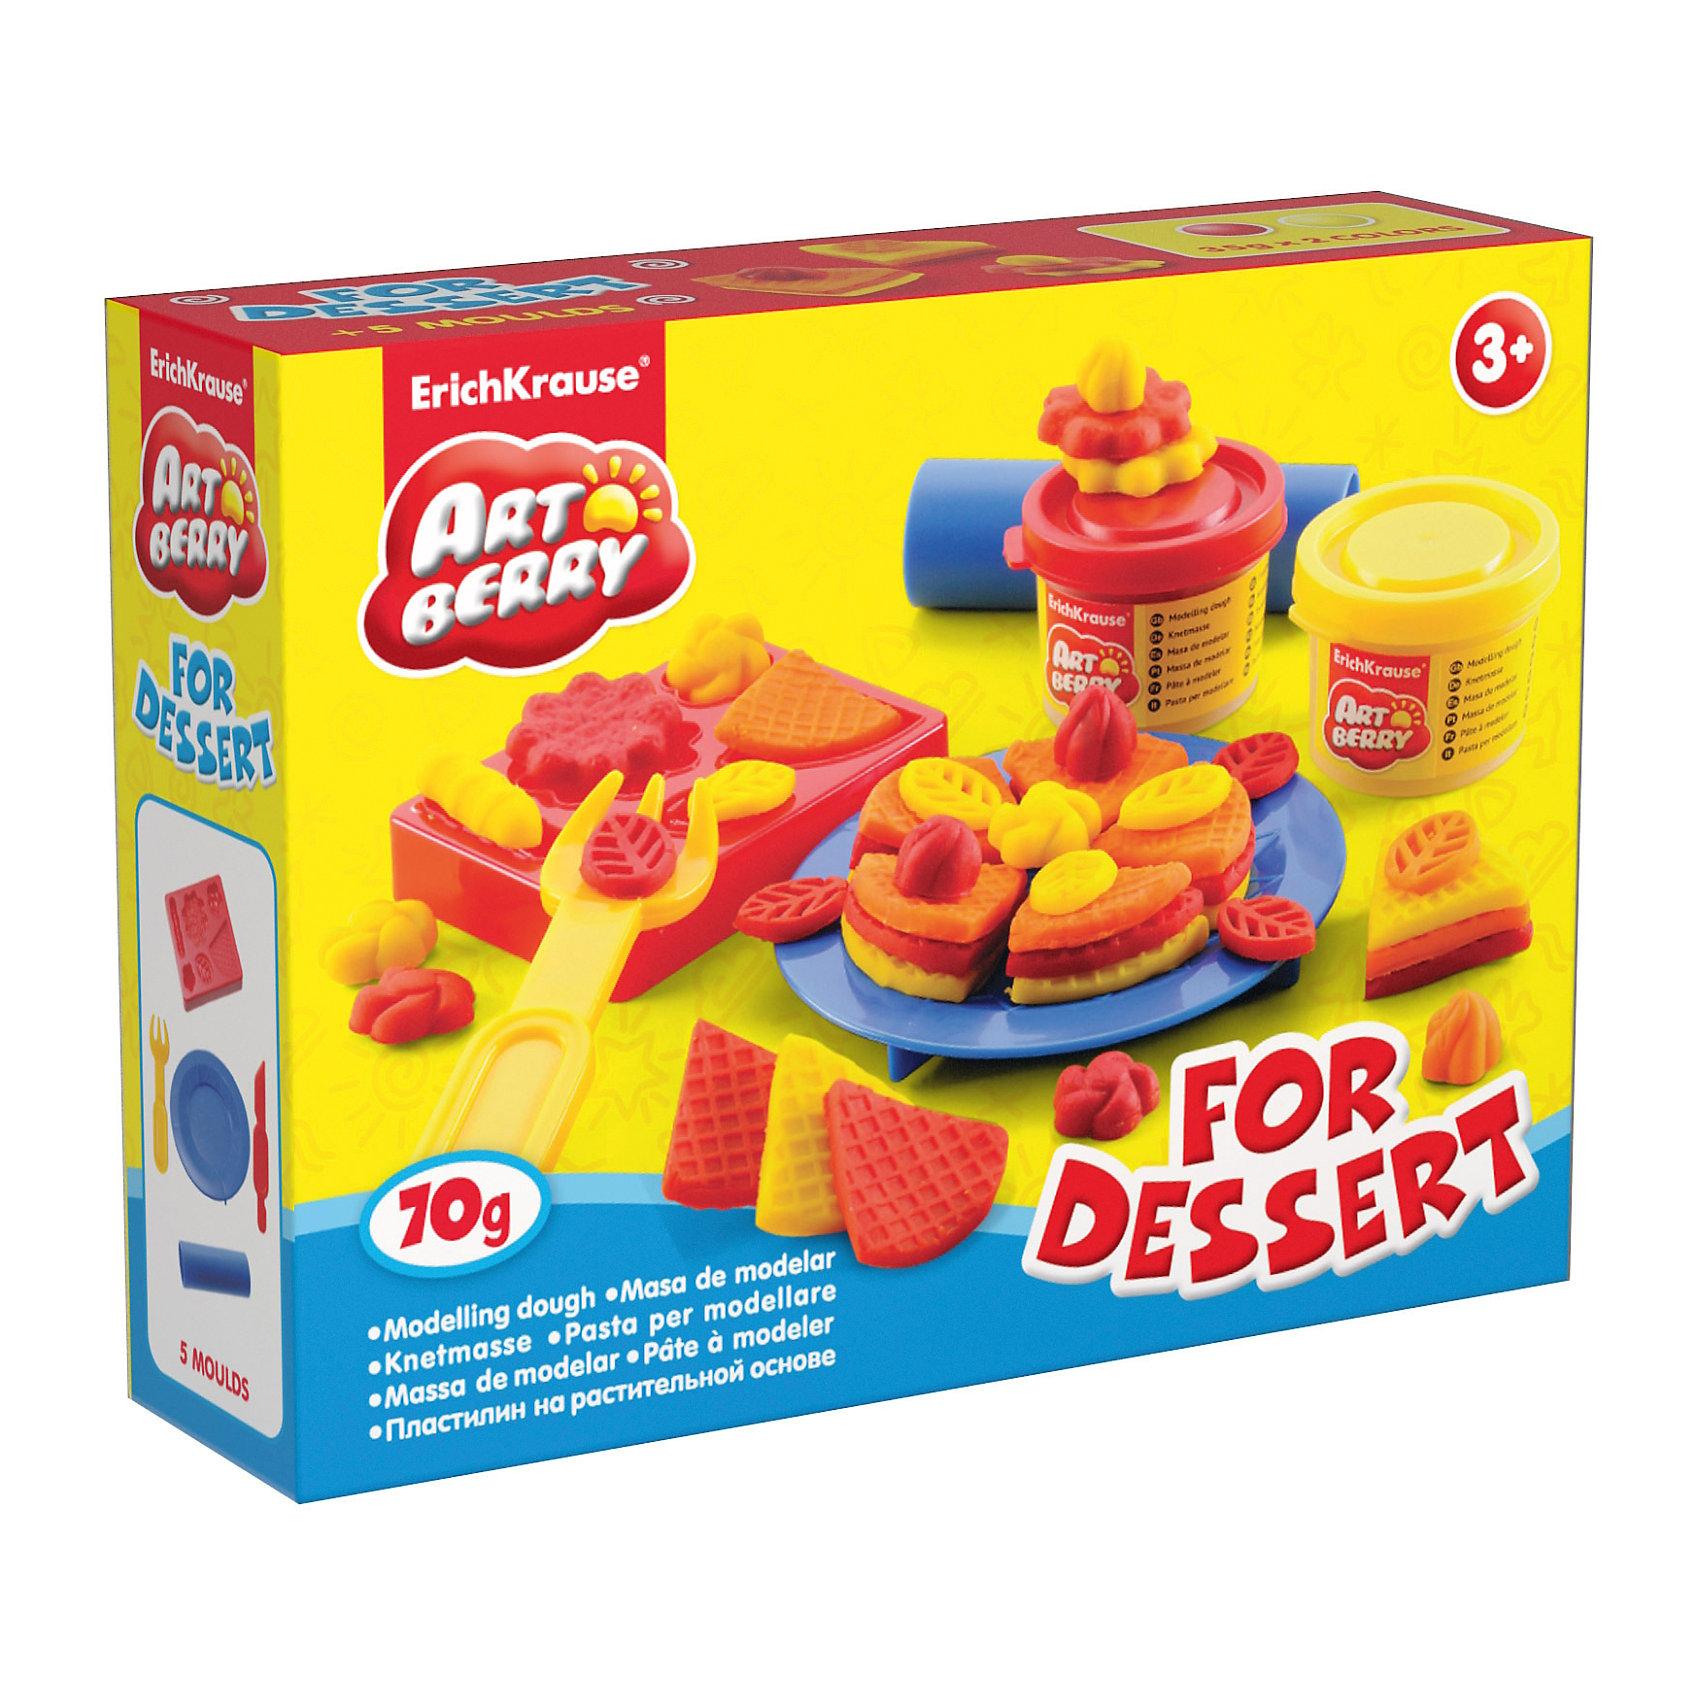 Набор для лепки: Пластилин на растительной основе For Dessert 2 цвета по 35гЛепка<br>Состав: 2 цвета пластилина по 35 г + форма-трафарет для лепки, тарелка, вилка, скалка, стек Упаковка: картонная коробка в термоплёнке<br><br>Ширина мм: 155<br>Глубина мм: 115<br>Высота мм: 40<br>Вес г: 177<br>Возраст от месяцев: 60<br>Возраст до месяцев: 216<br>Пол: Унисекс<br>Возраст: Детский<br>SKU: 5409334